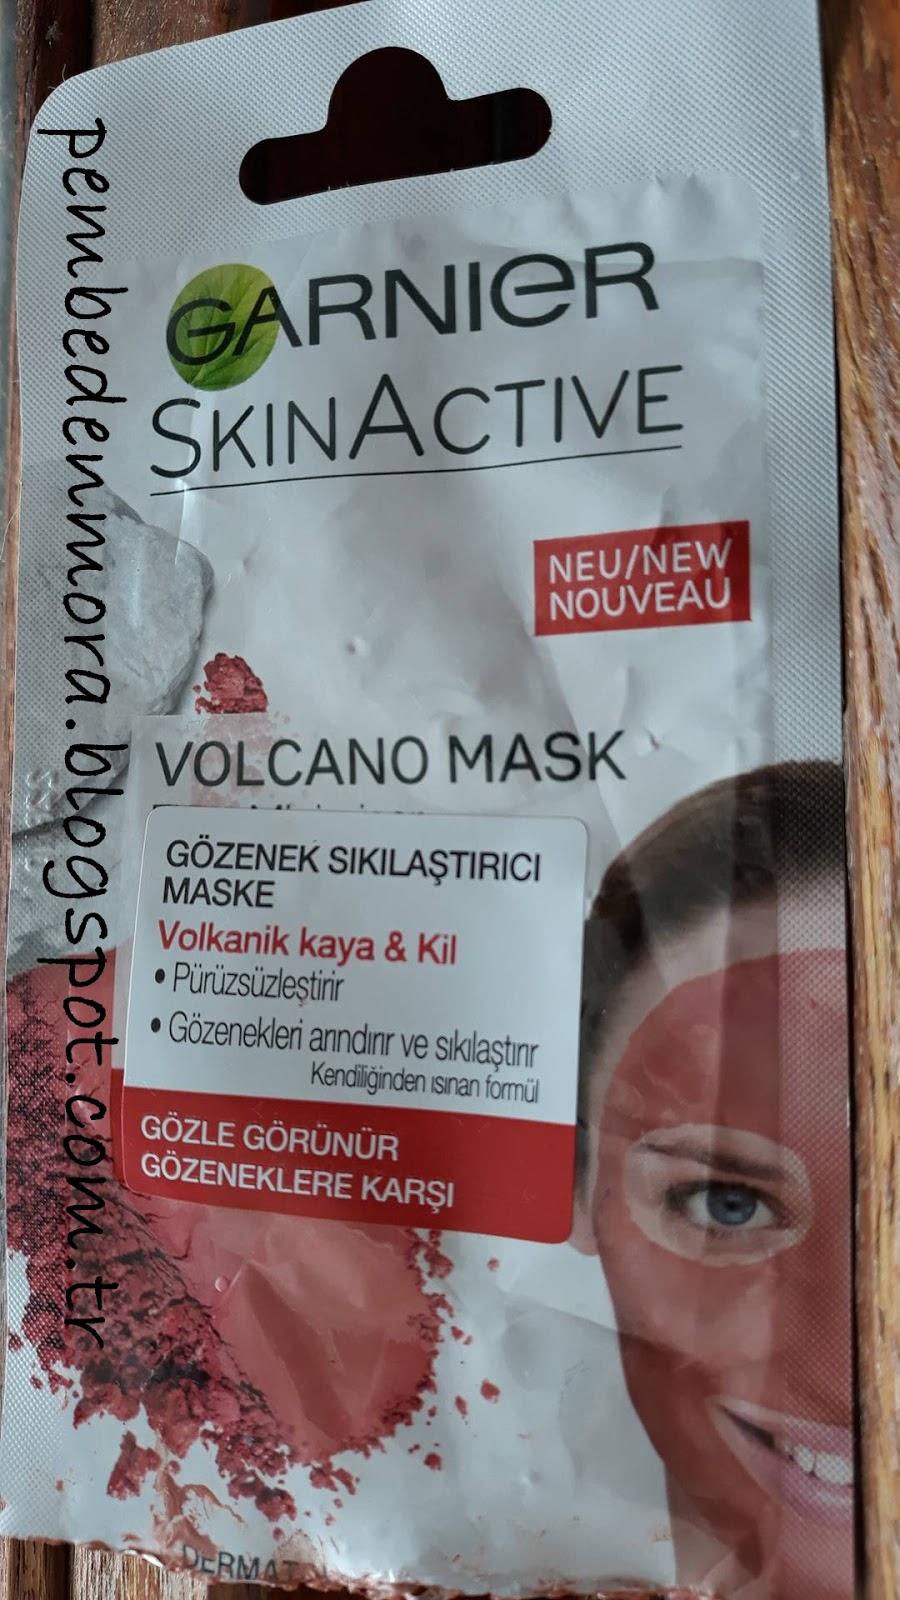 Sıkılaştırıcı kil maskesi